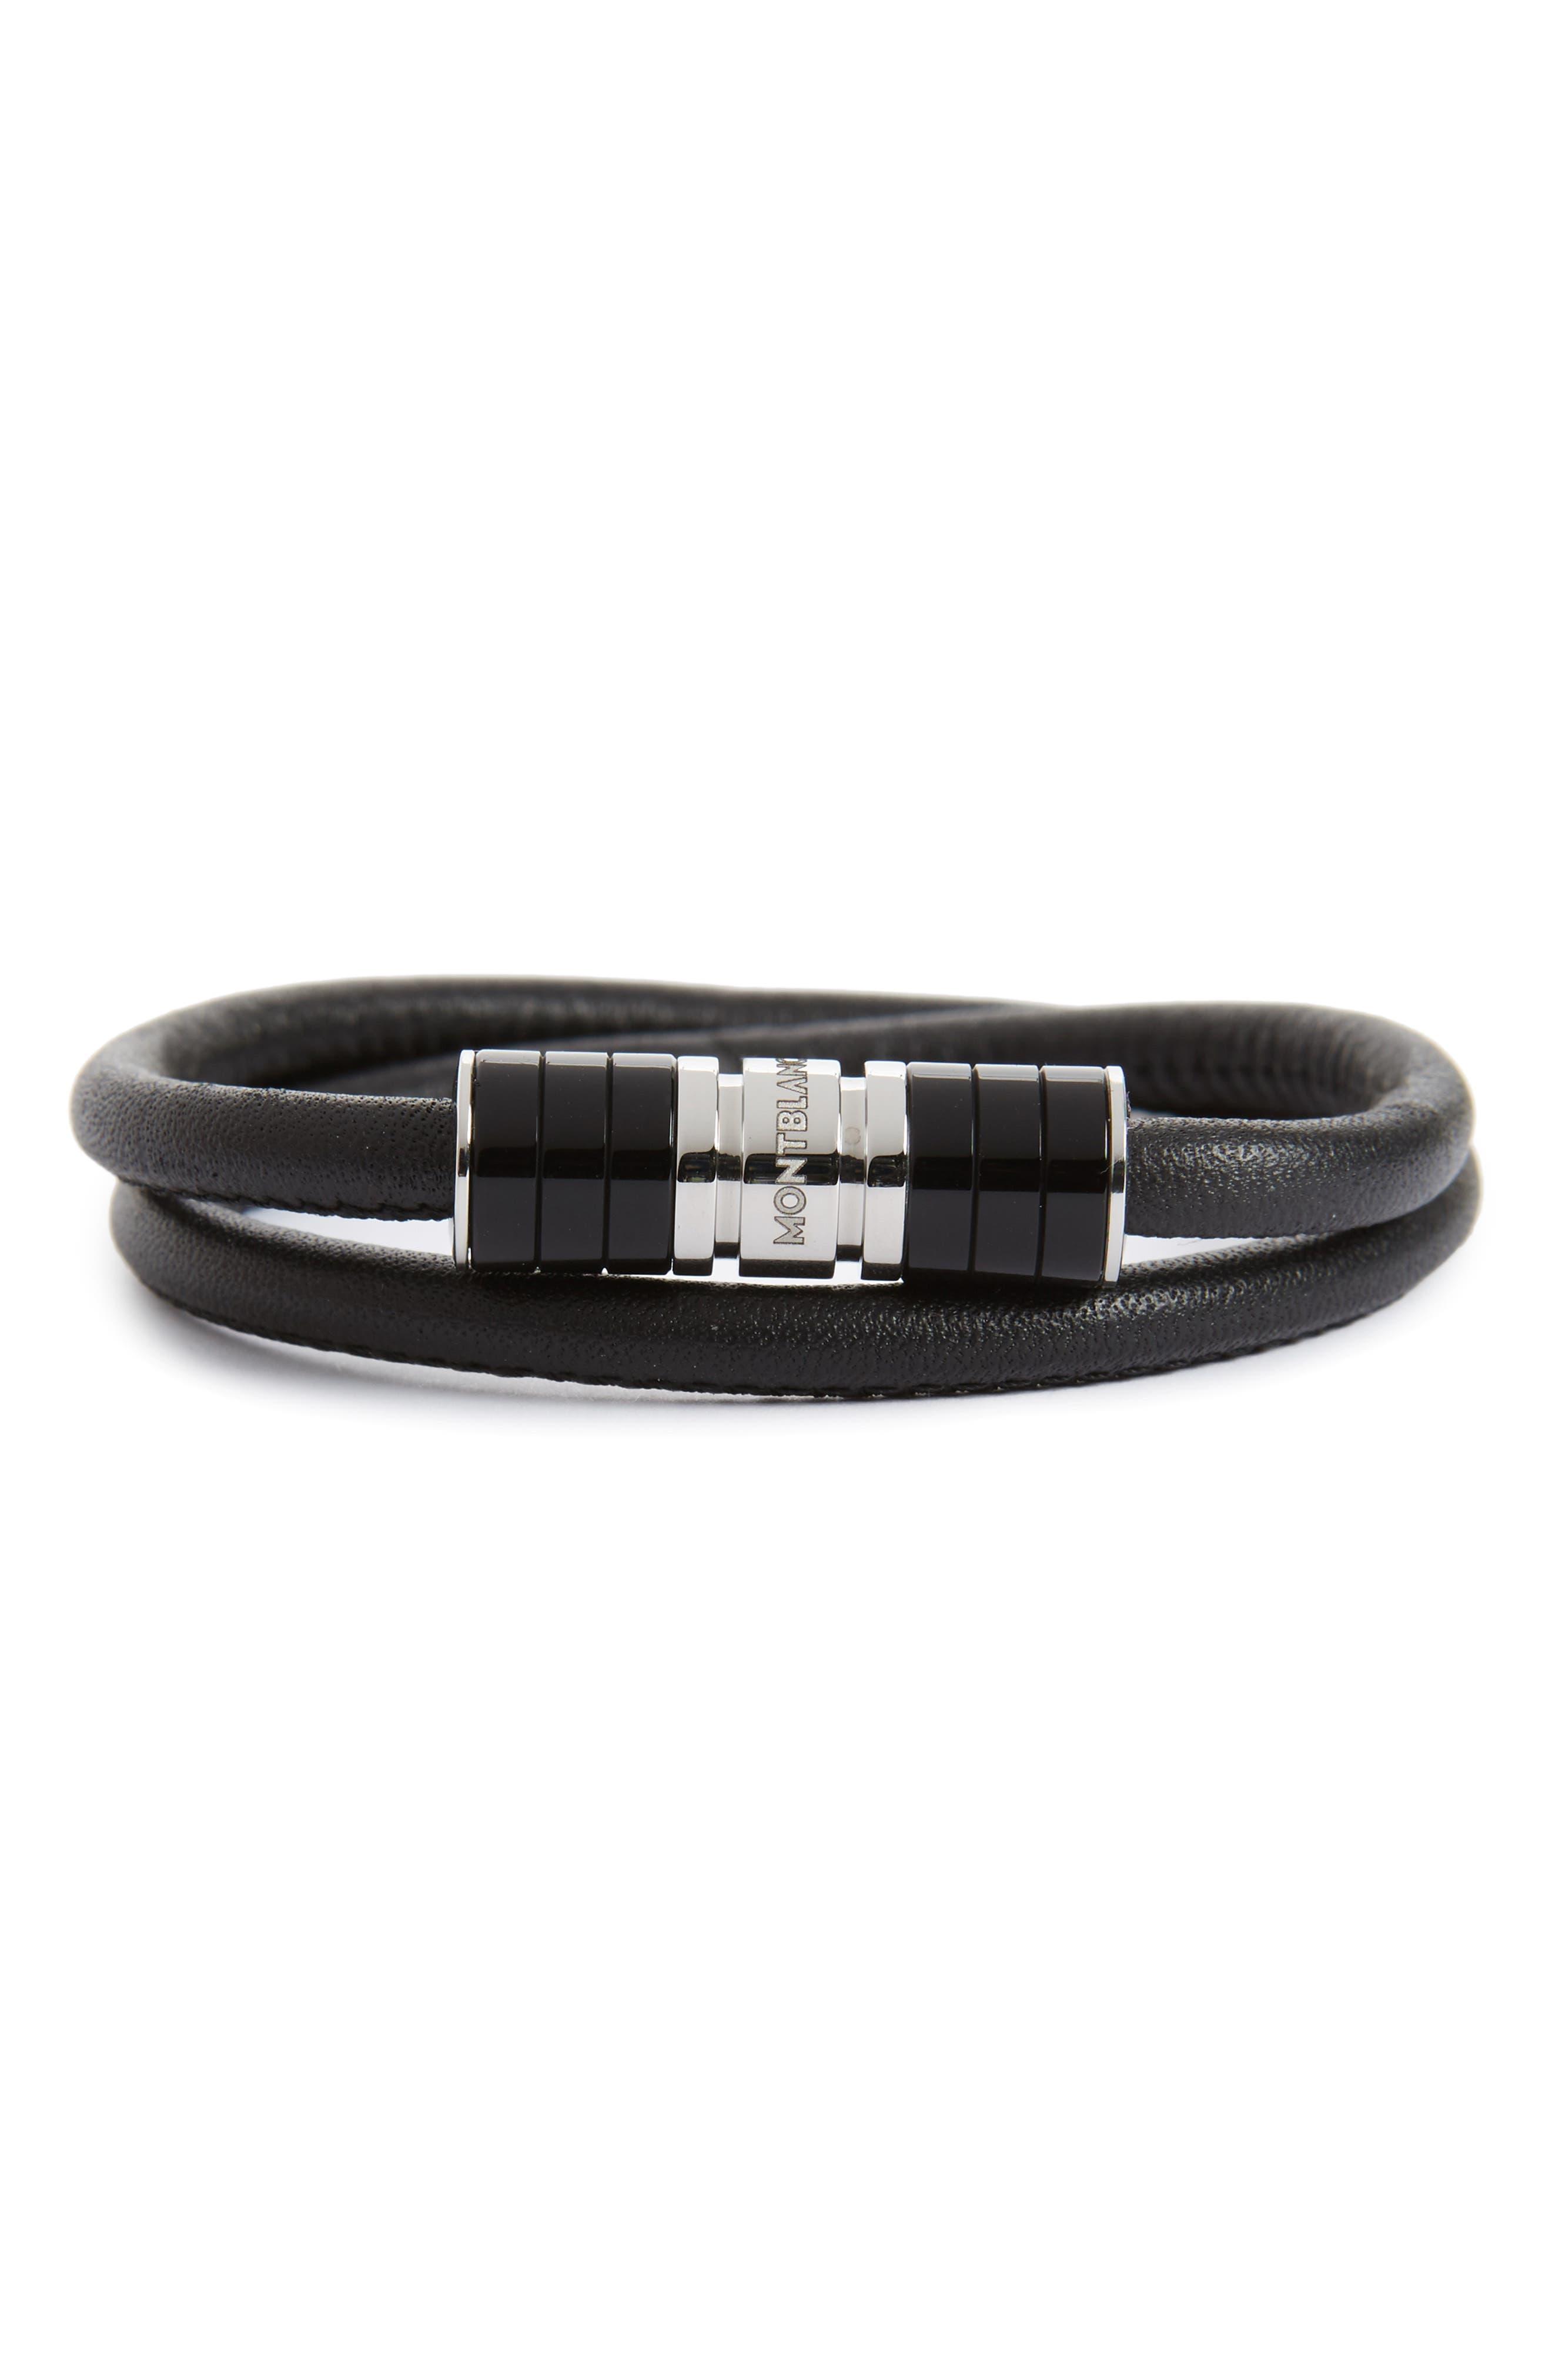 Main Image - Montblanc Leather Bracelet